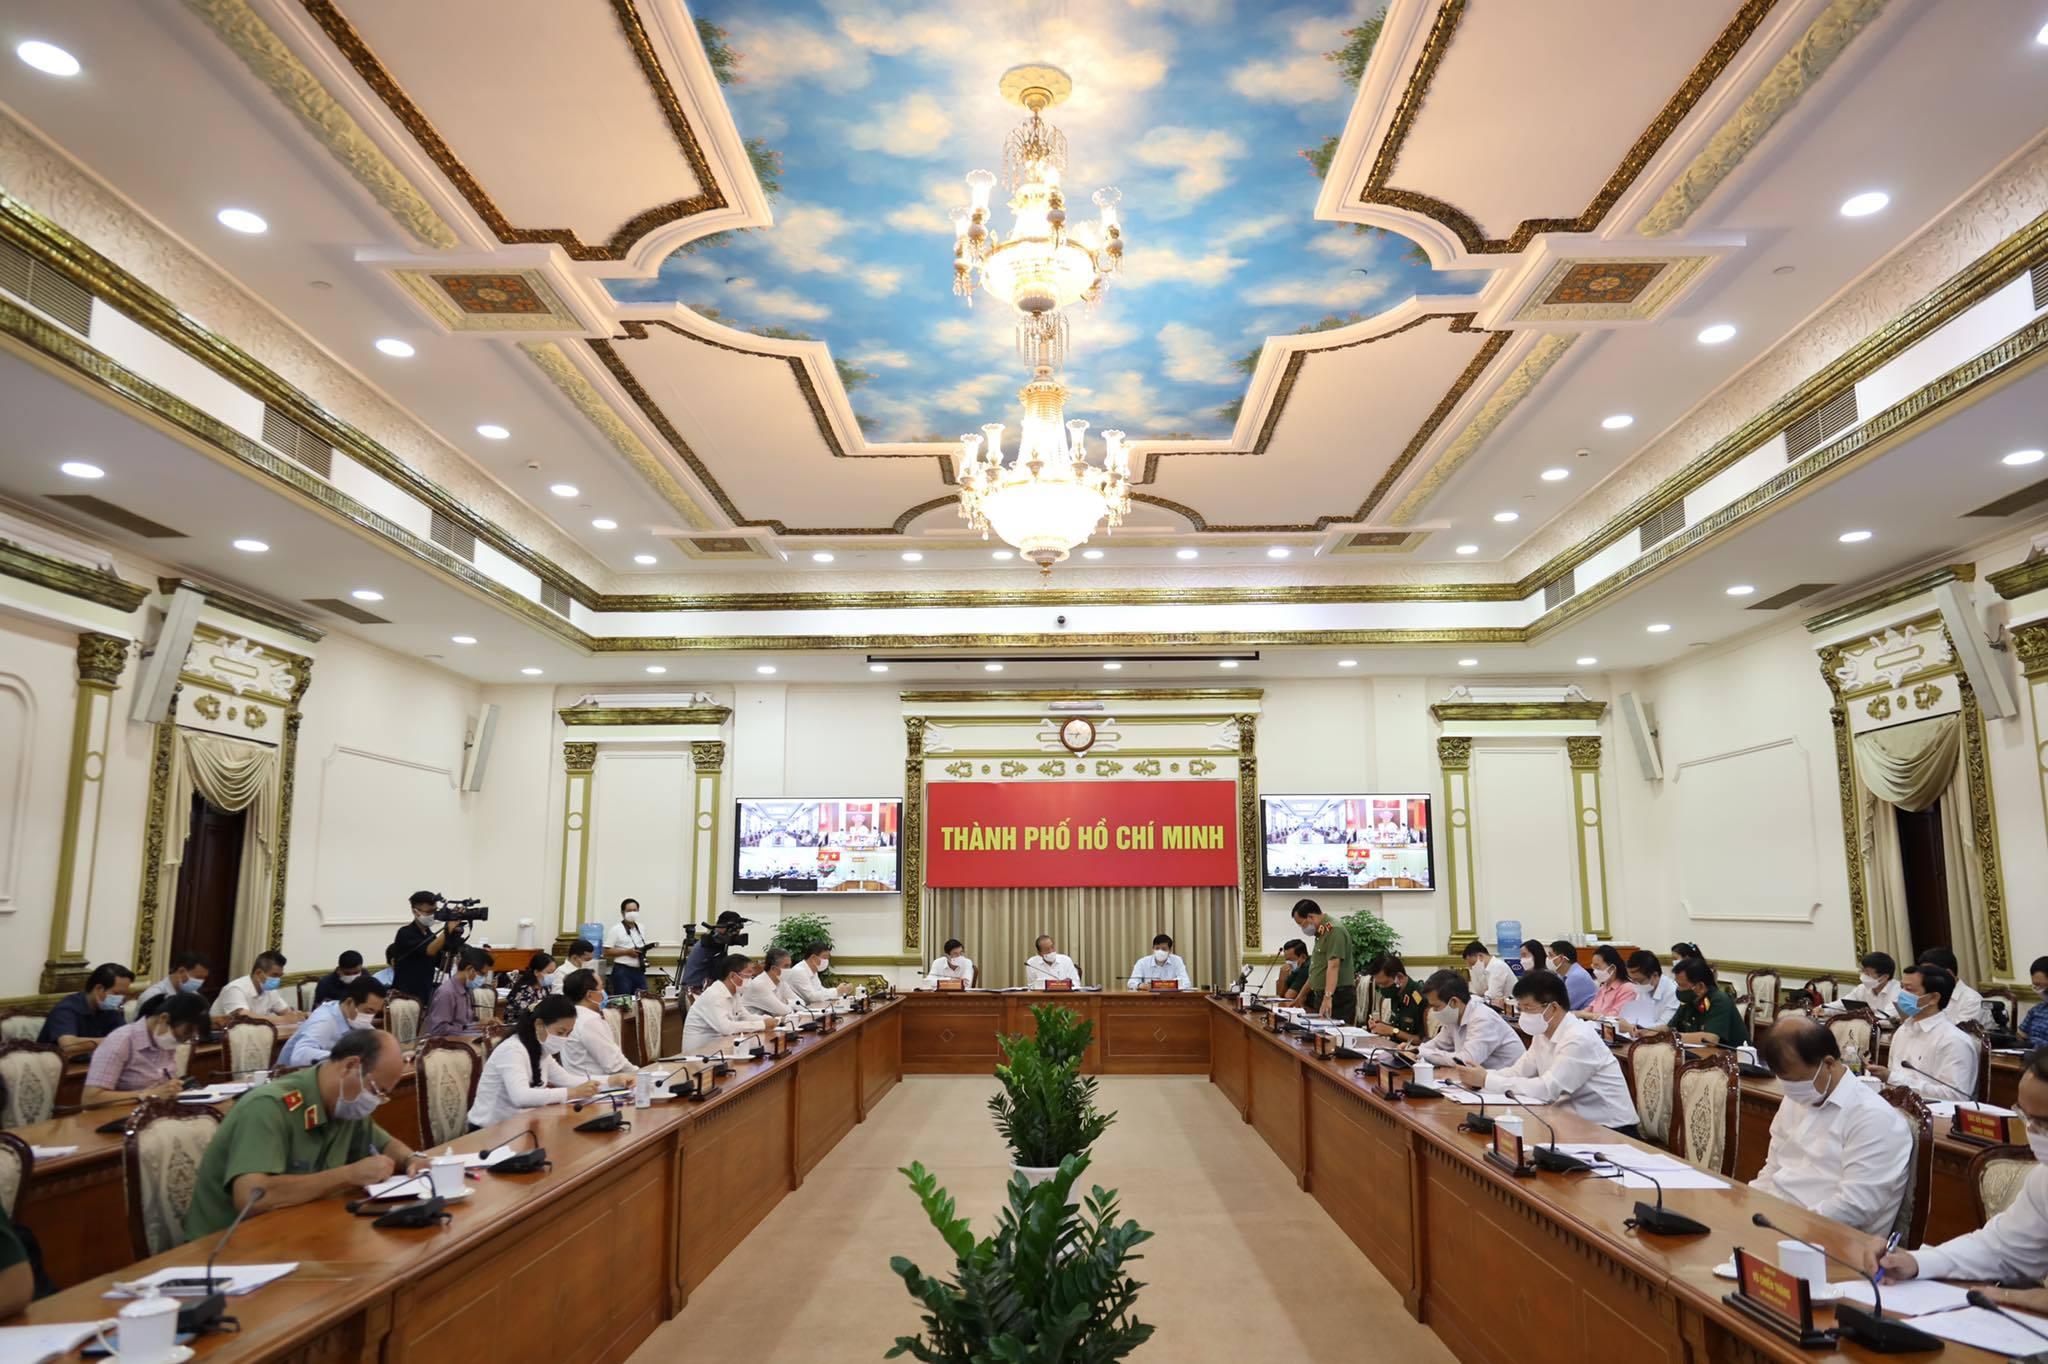 Thứ trưởng Bộ Nội vụ đề nghị TP.HCM đình chỉ hoạt động Hội thánh truyền giáo Phục Hưng